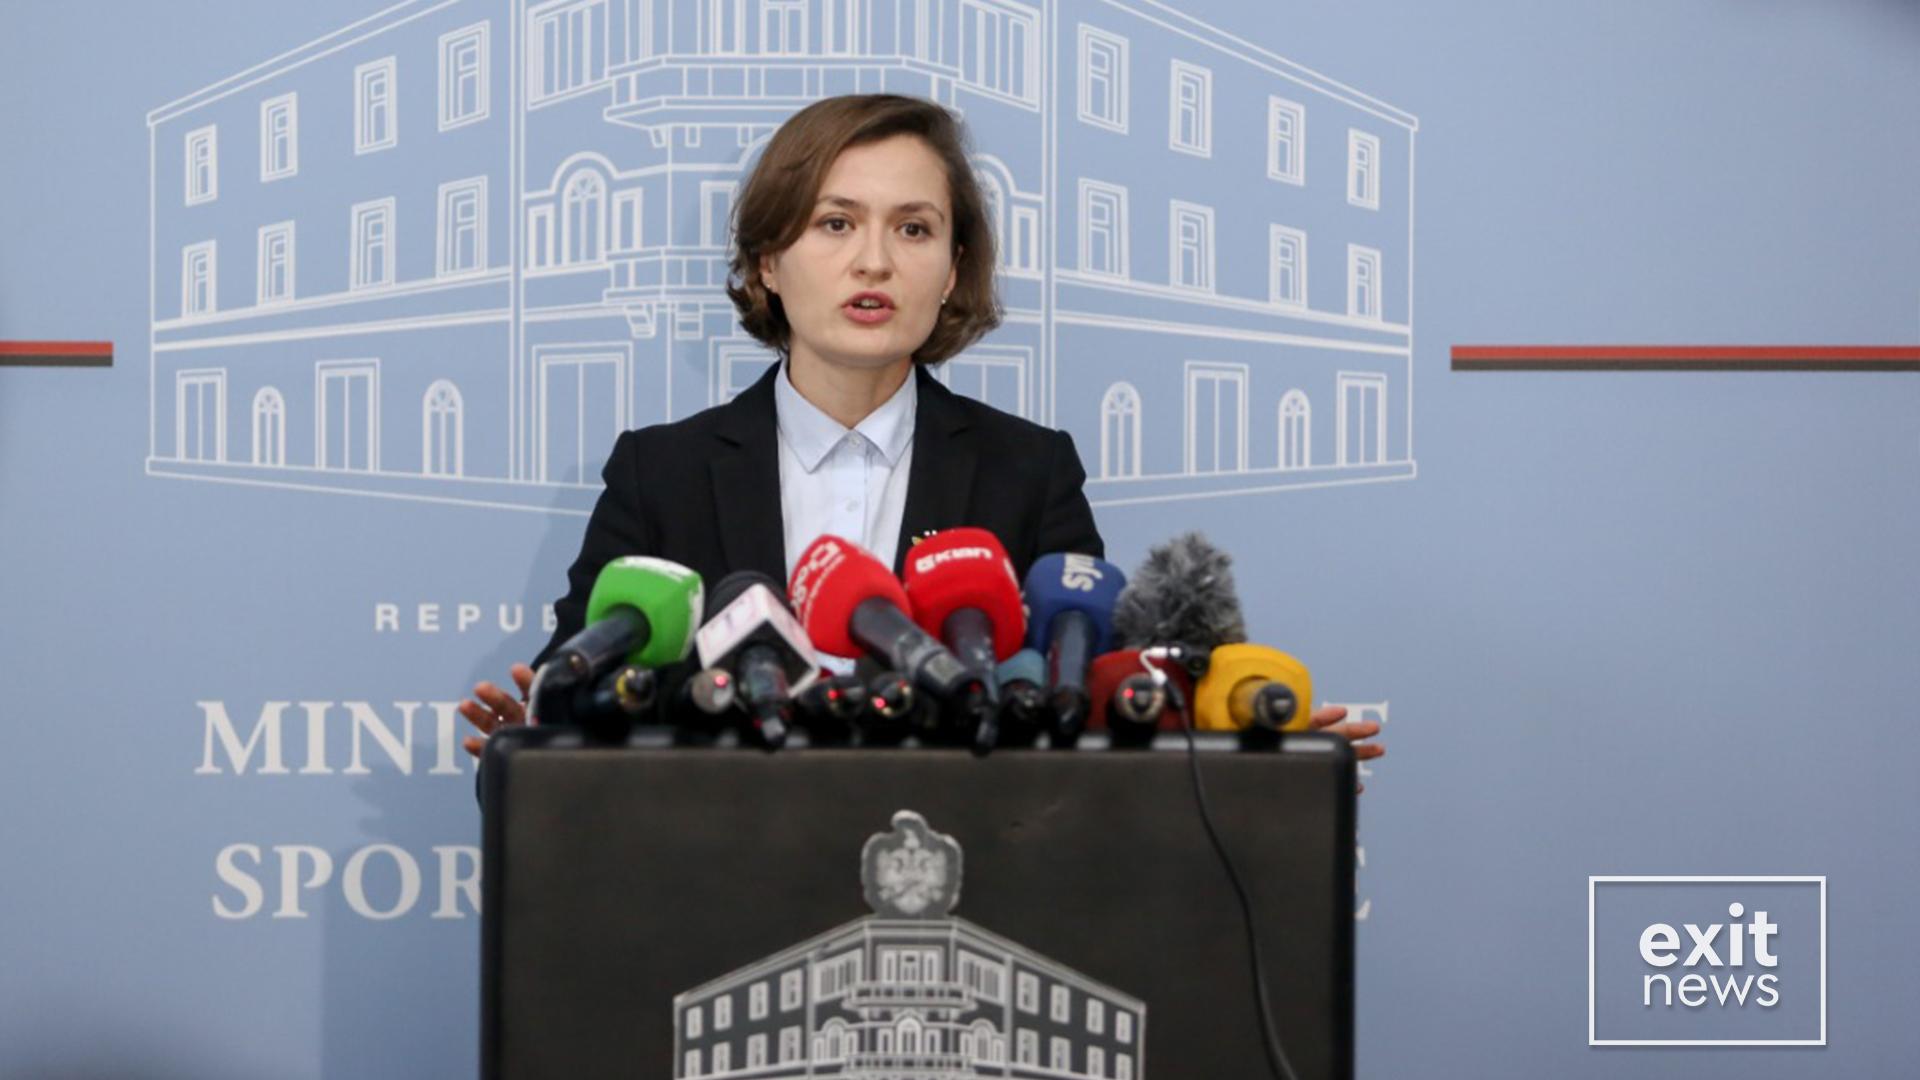 Ministrja Shahini: Zgjedhjet në universitet nuk garantonin pjesmarrjen e studentëve